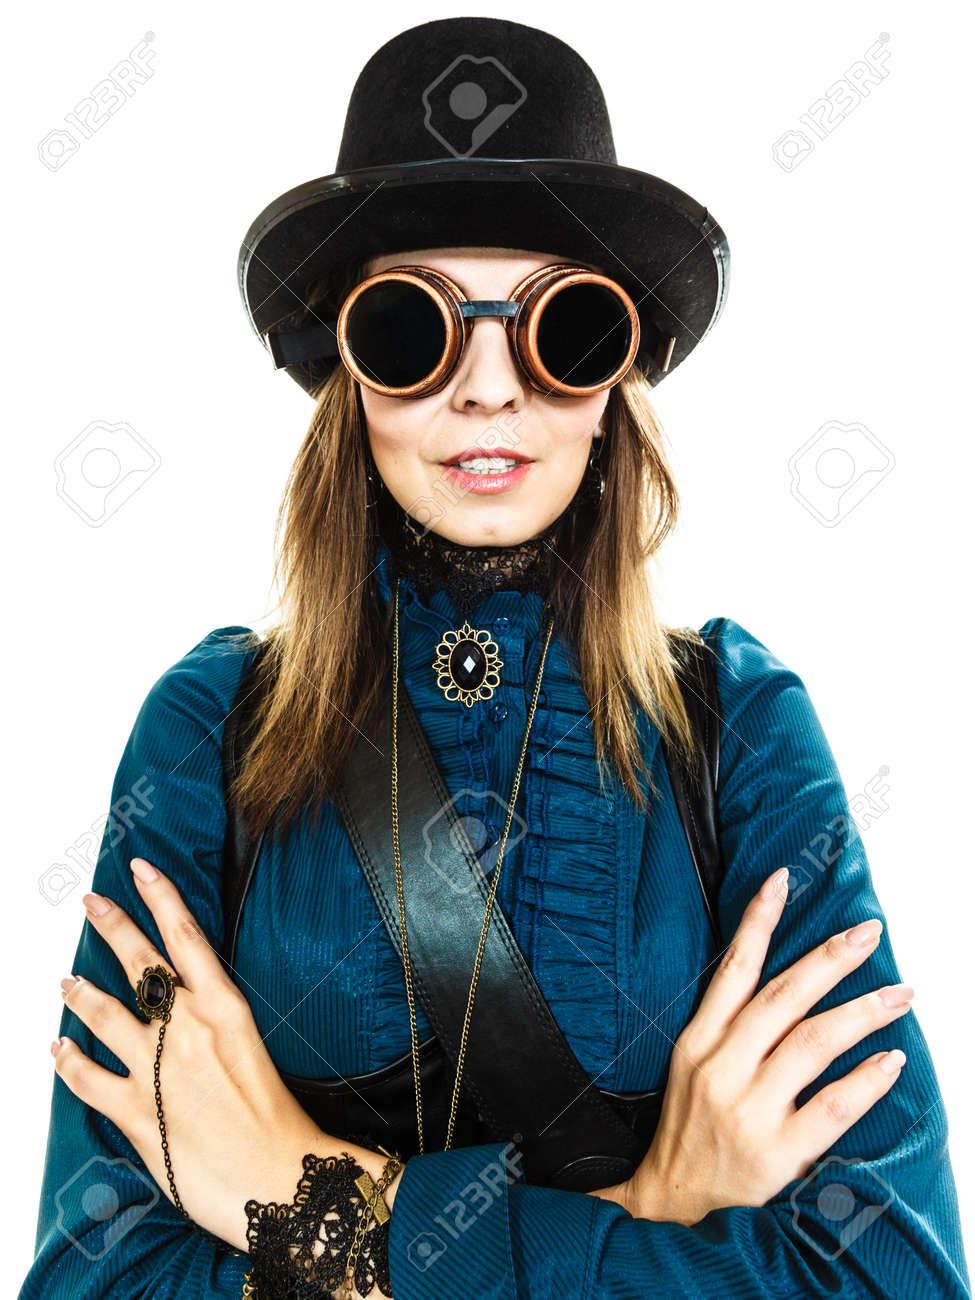 aa8e8ac5f296 84993363-bellezza-e-moda-stile-retrò-ritratto-di-epoca-bella-donna -in-cappello-nero-cappello-a-cilindro-e-vecchi.jpg